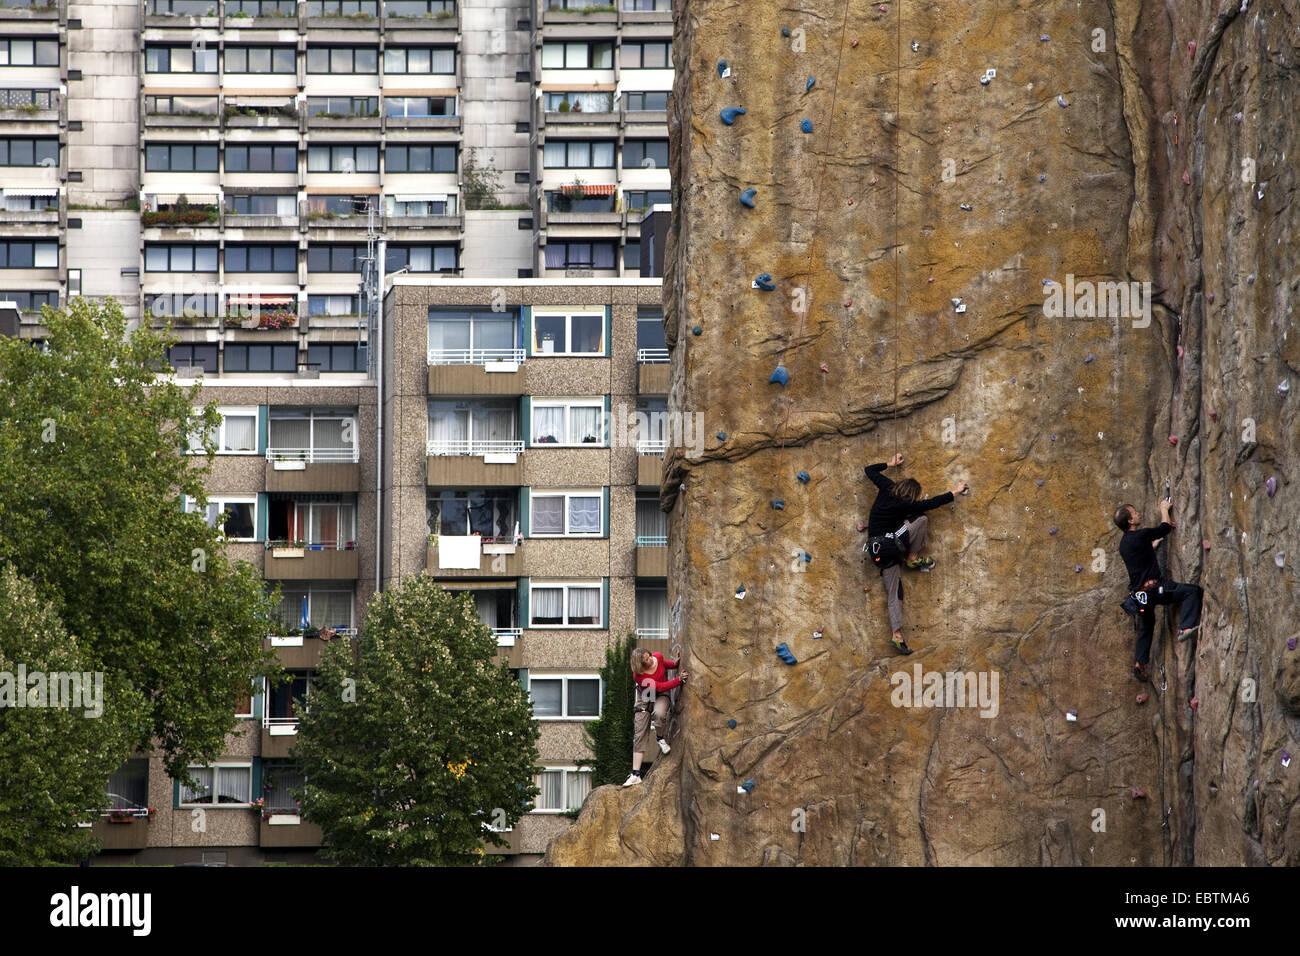 Kletterausrüstung Dortmund : Kletterer auf eine künstliche klettern turm in dortmund dorstfeld